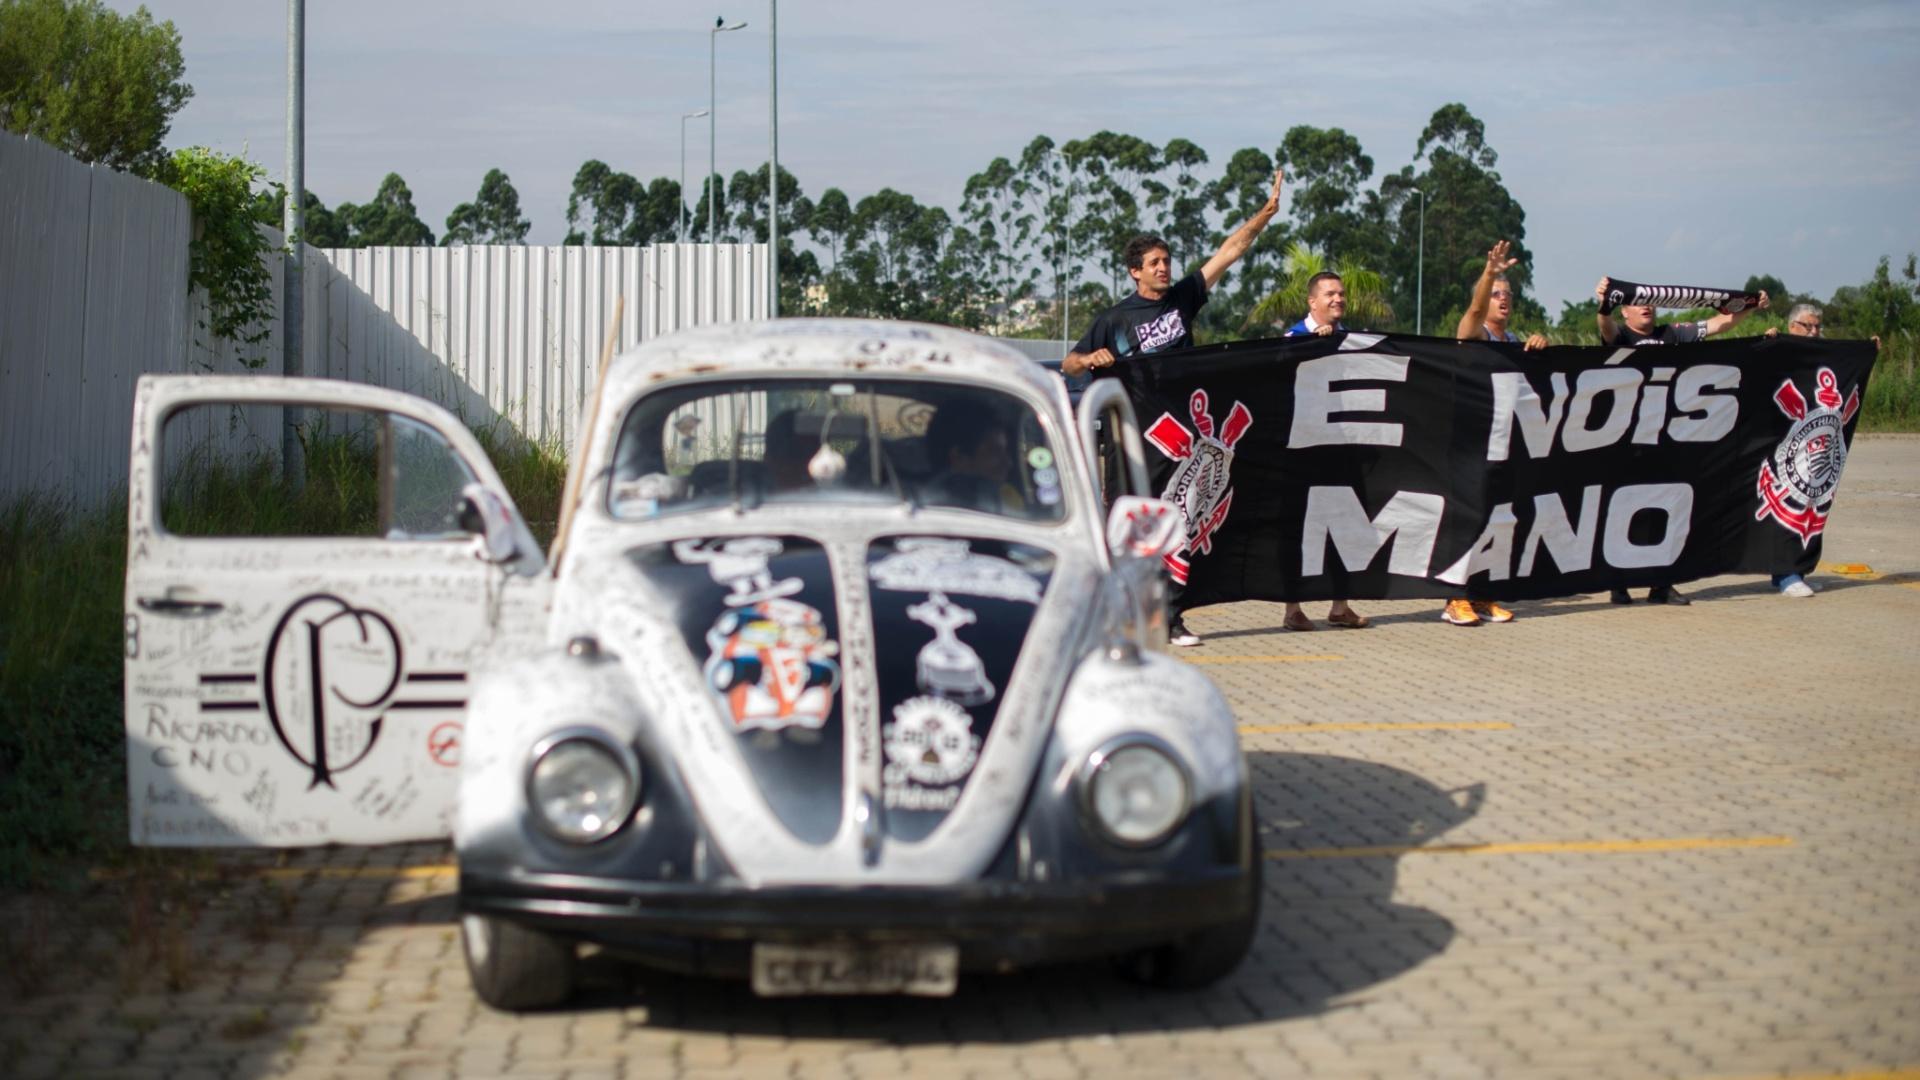 06.jan.2013 - Torcedores do Corinthians levam fusca estilizado e faixa em homenagem a Mano Menezes na apresentação do técnico no clube